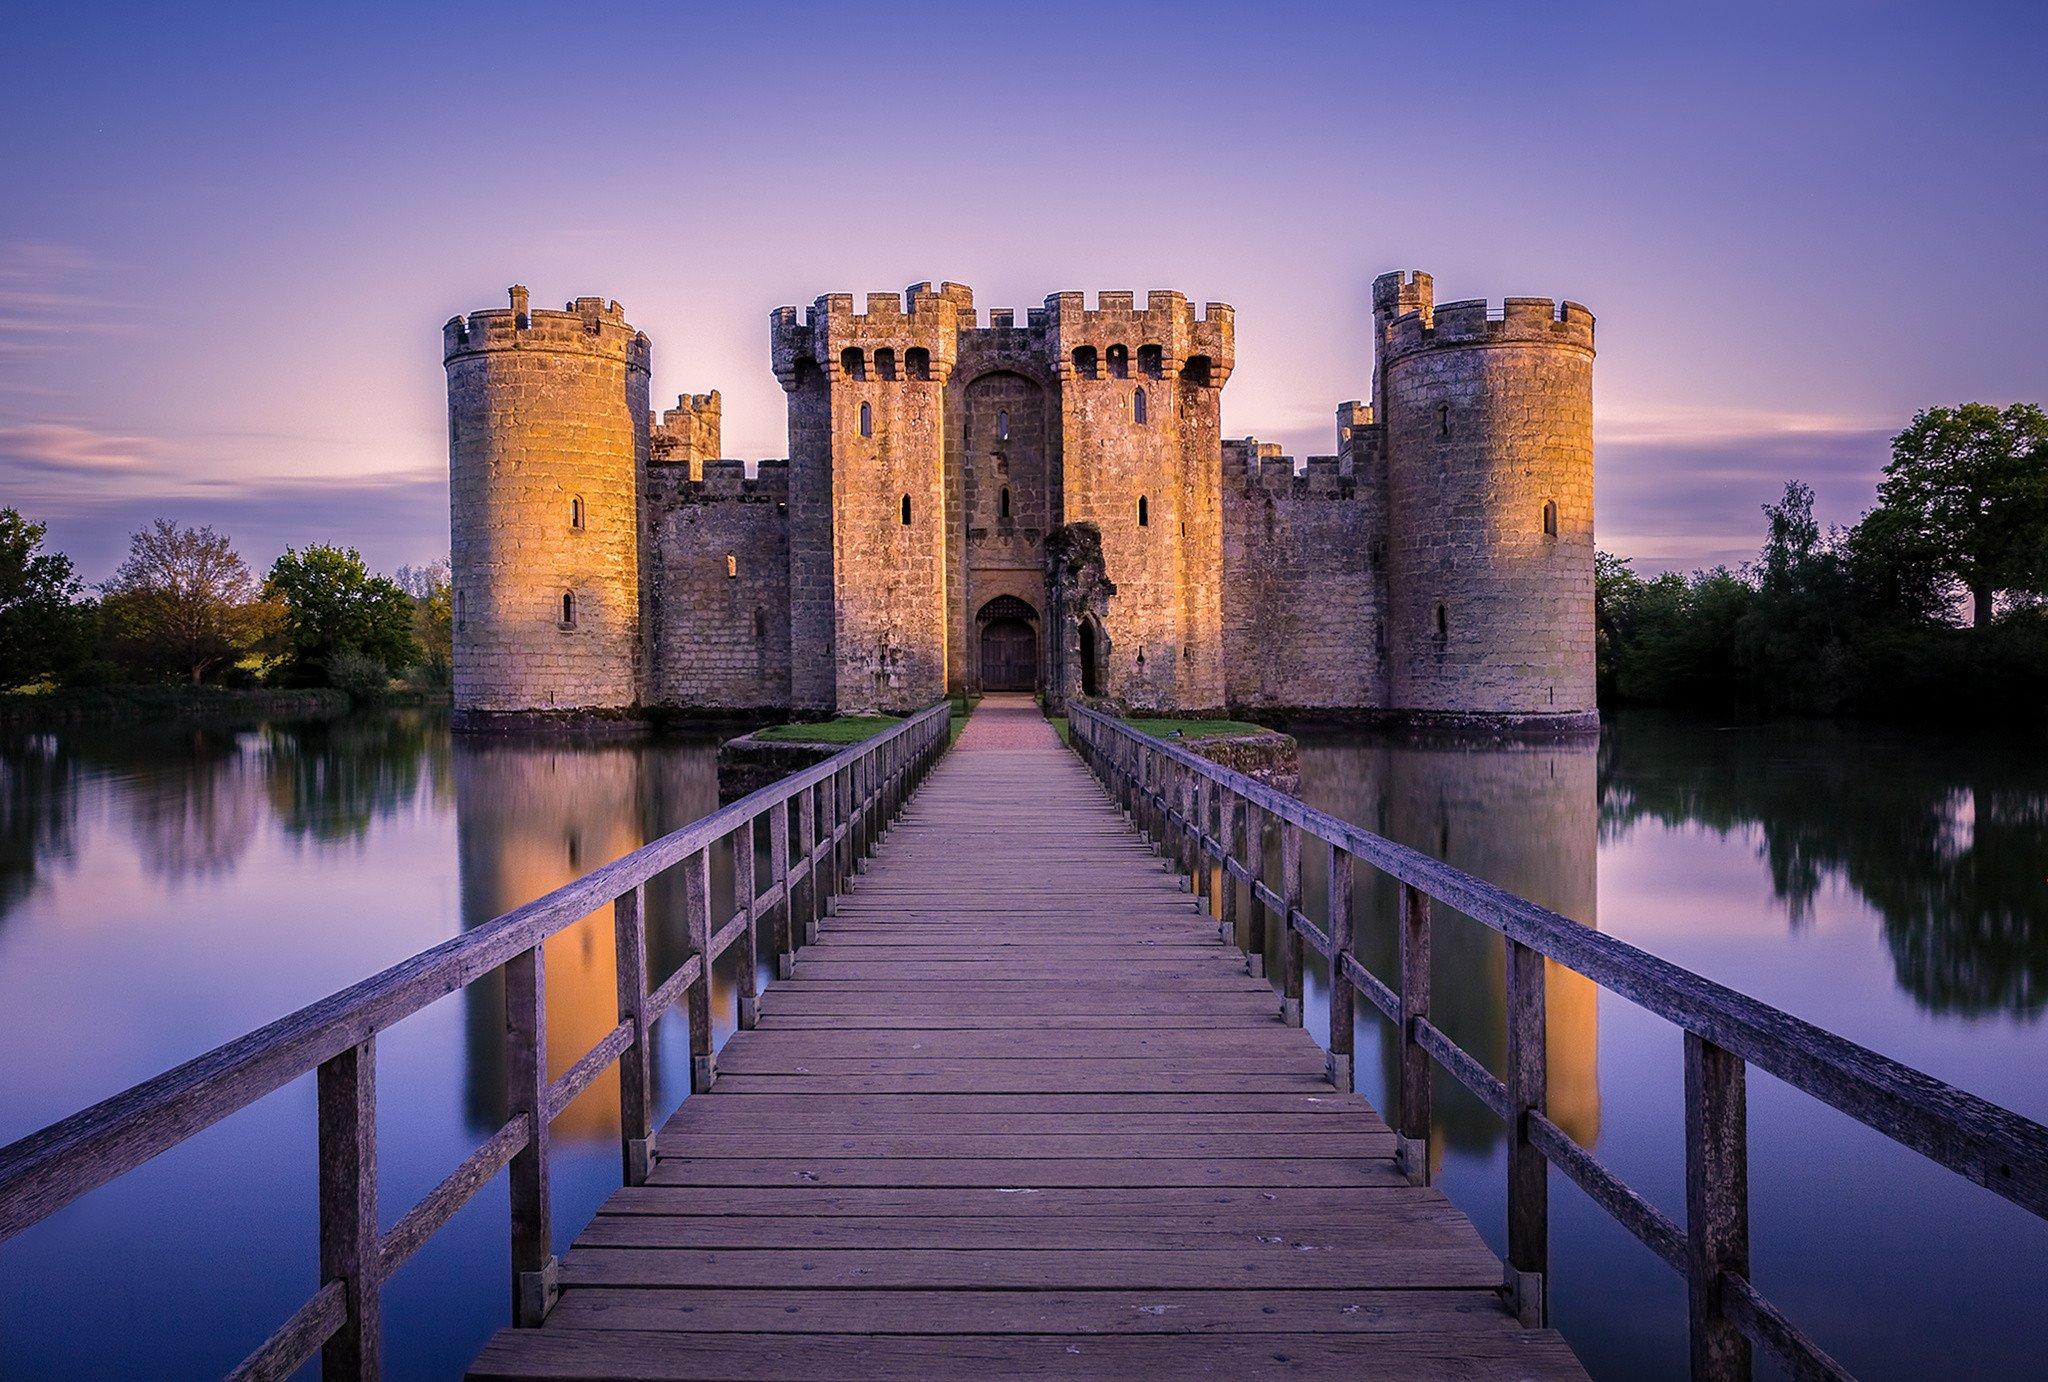 Bodiam Castle England Hd Wallpaper